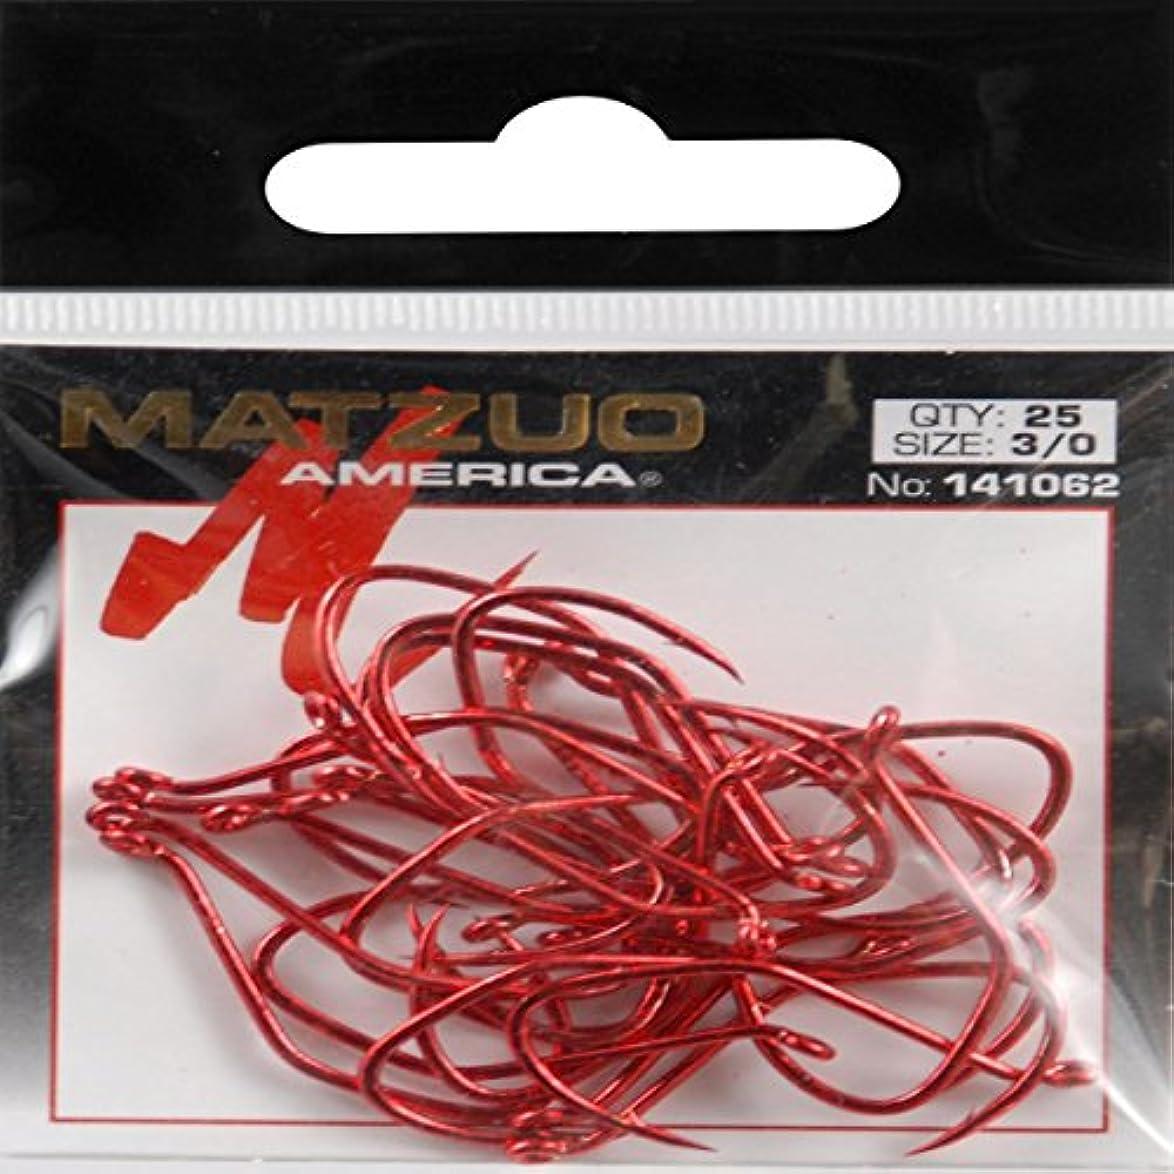 未使用恐ろしいです硬さMatzuo鎌タコフック25パック、赤クロム、3 / 0